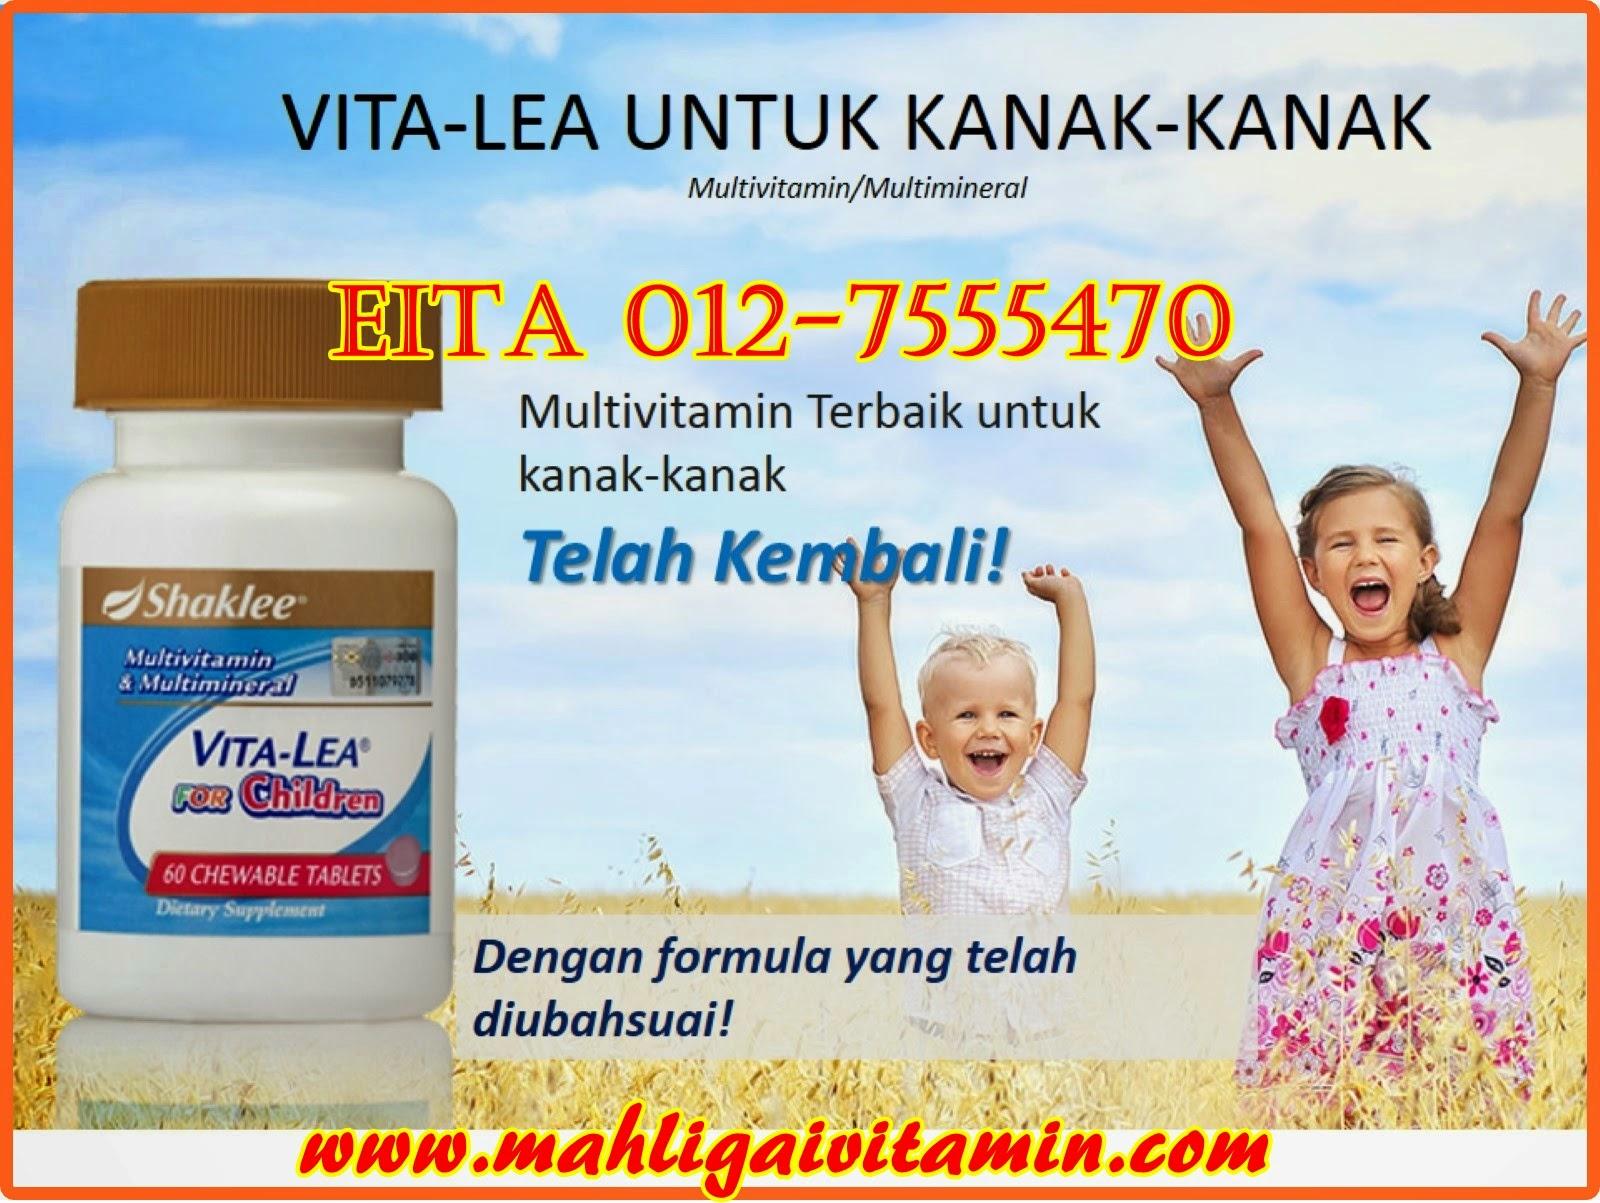 vitalea for kids